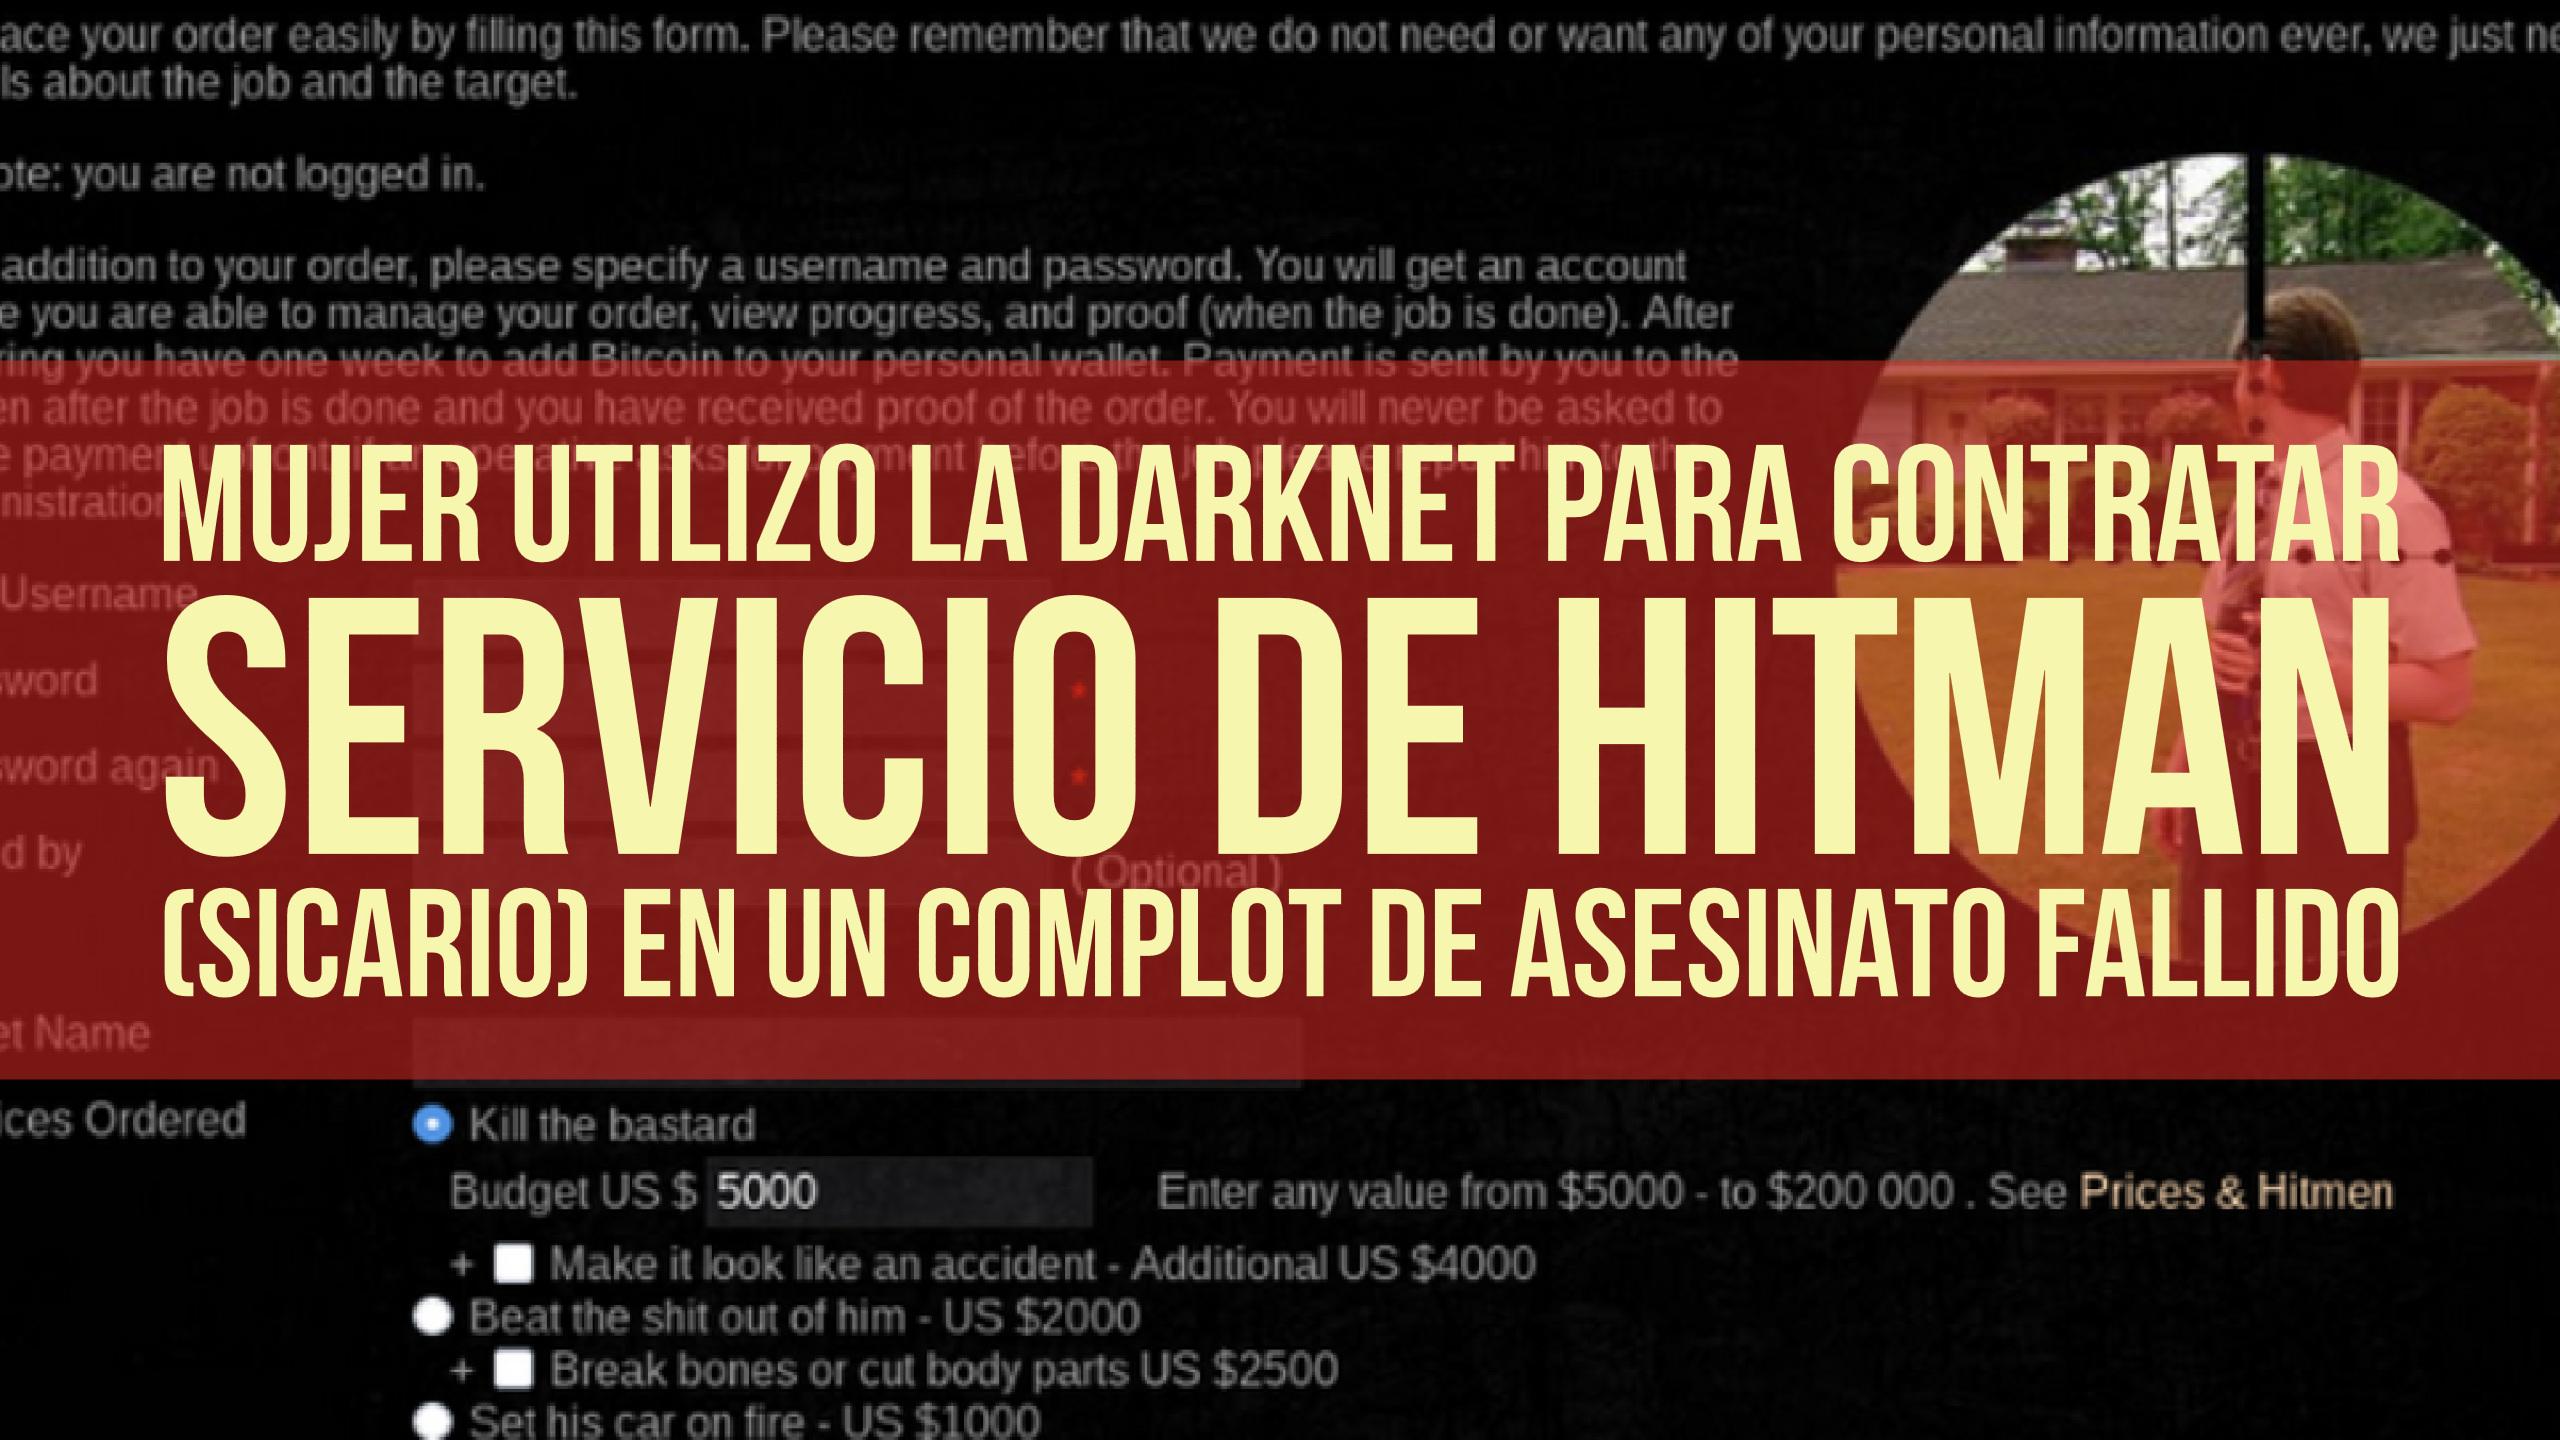 Mujer utilizo la darknet para contratar servicio de Hitman (sicario) en un complot de asesinato fallido